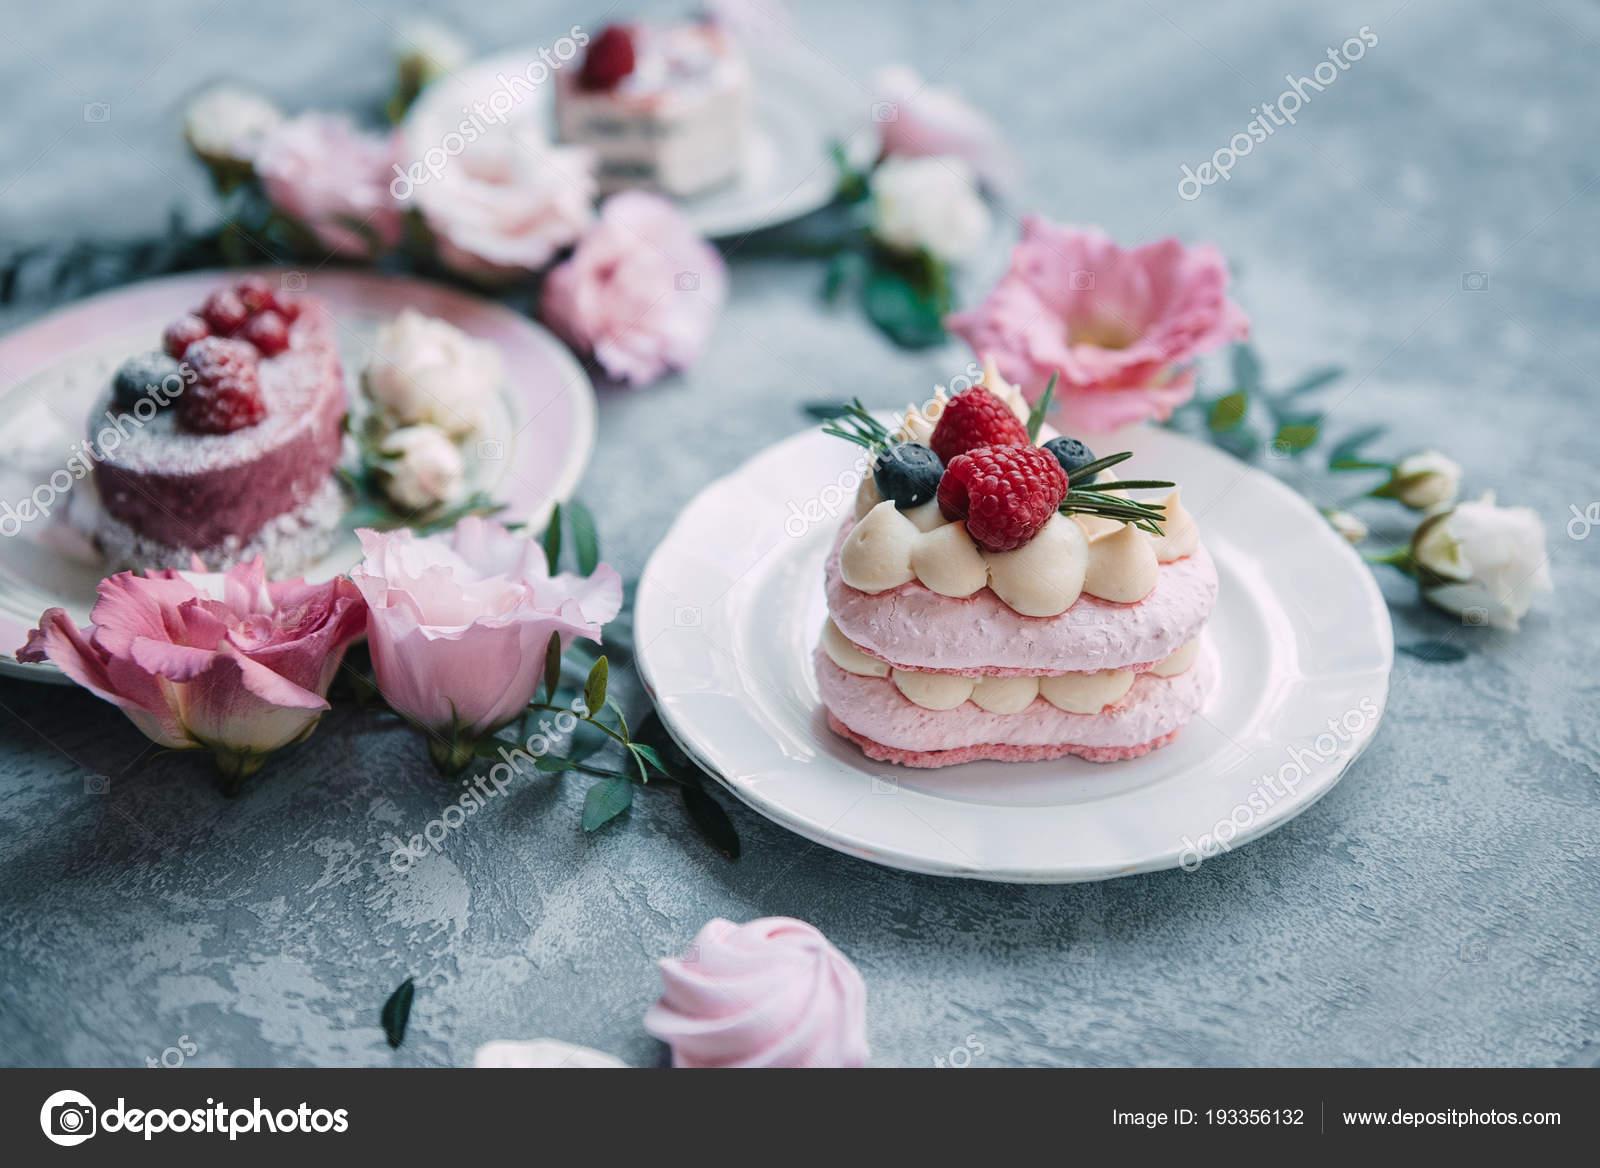 Schone Kuchen Auf Schonen Tellern Rosa Und Weissen Farben Auf